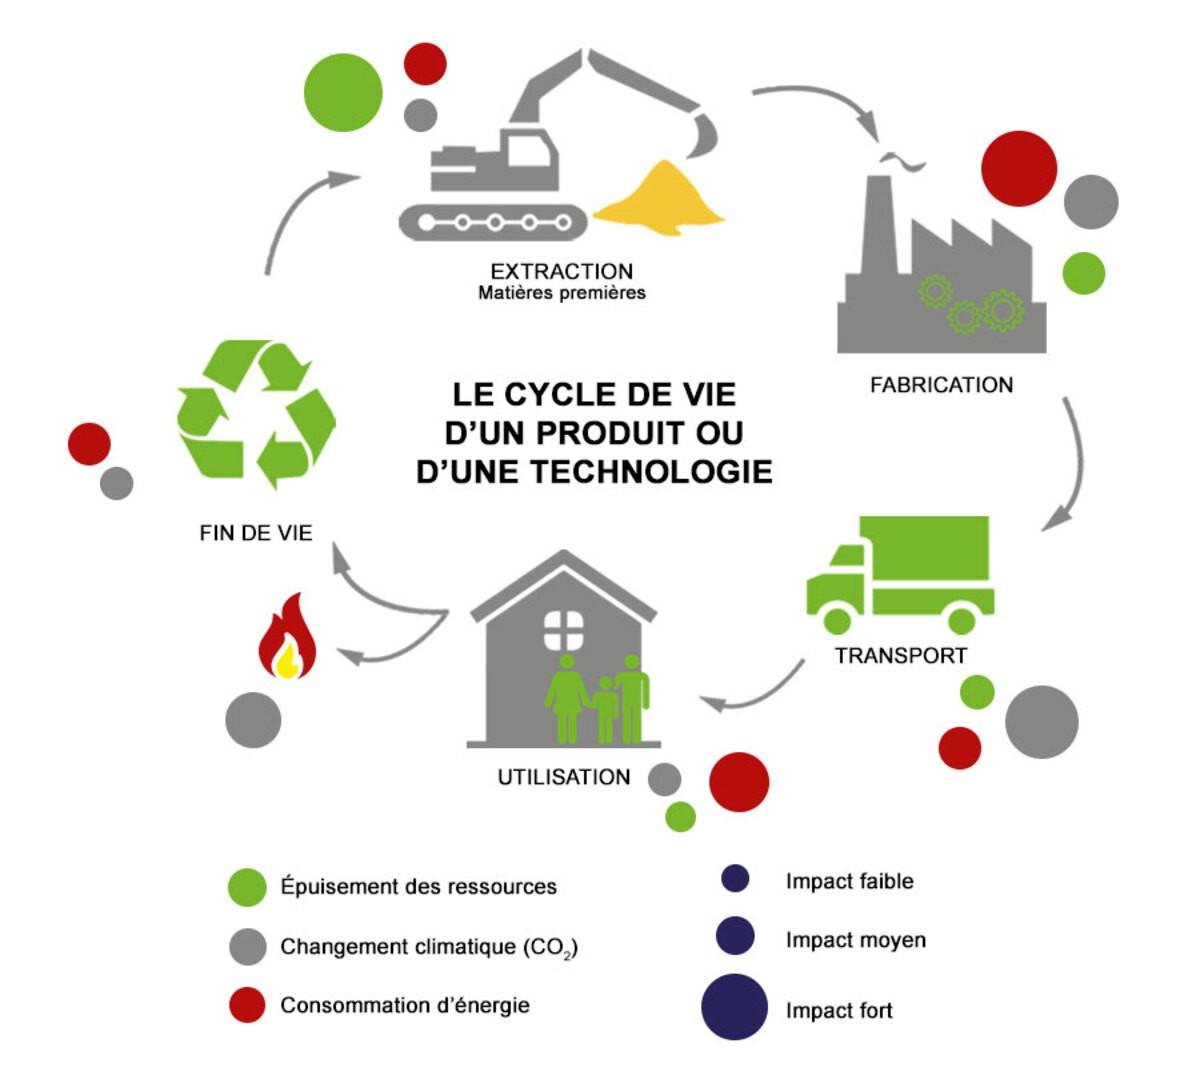 [Conférence] Comprendre les enjeux du choix des matériaux et de l'ACV (Analyse du cycle de vie)!